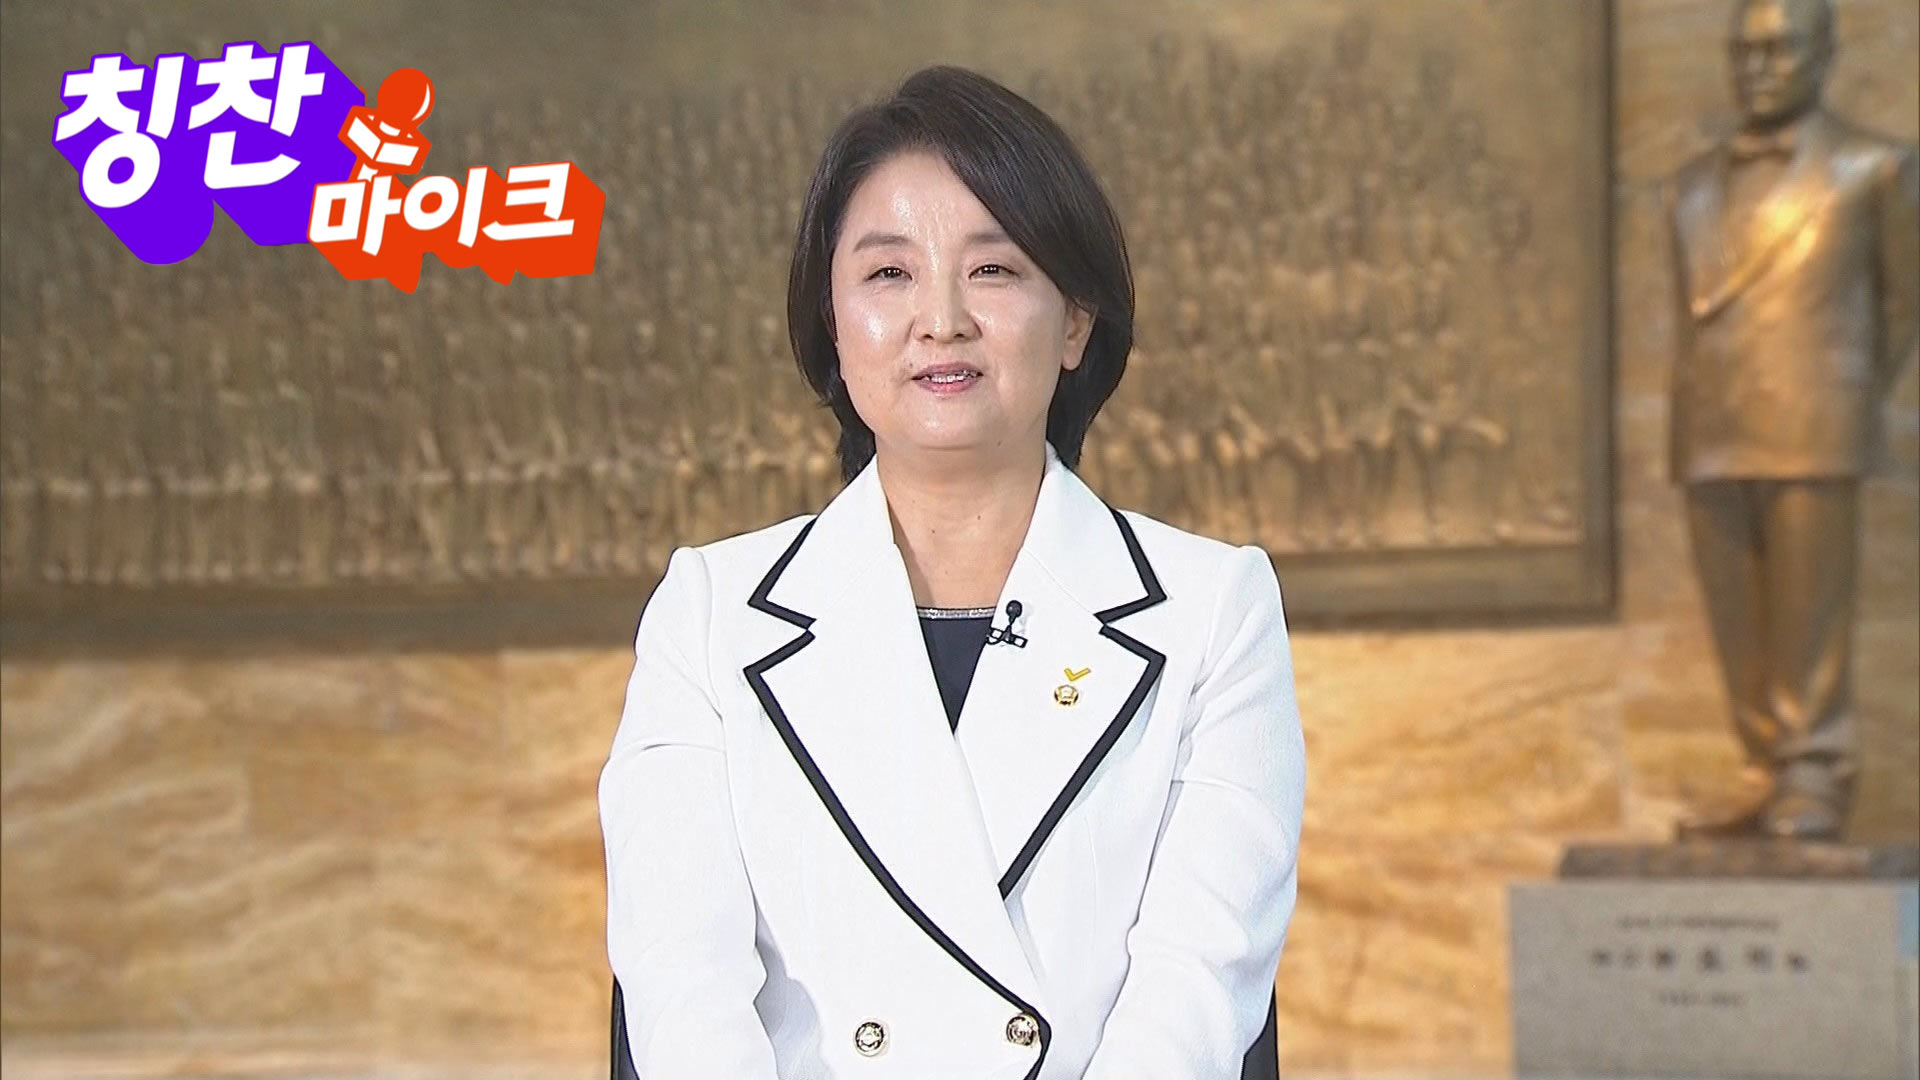 [칭찬마이크] 이은주 정의당 의원